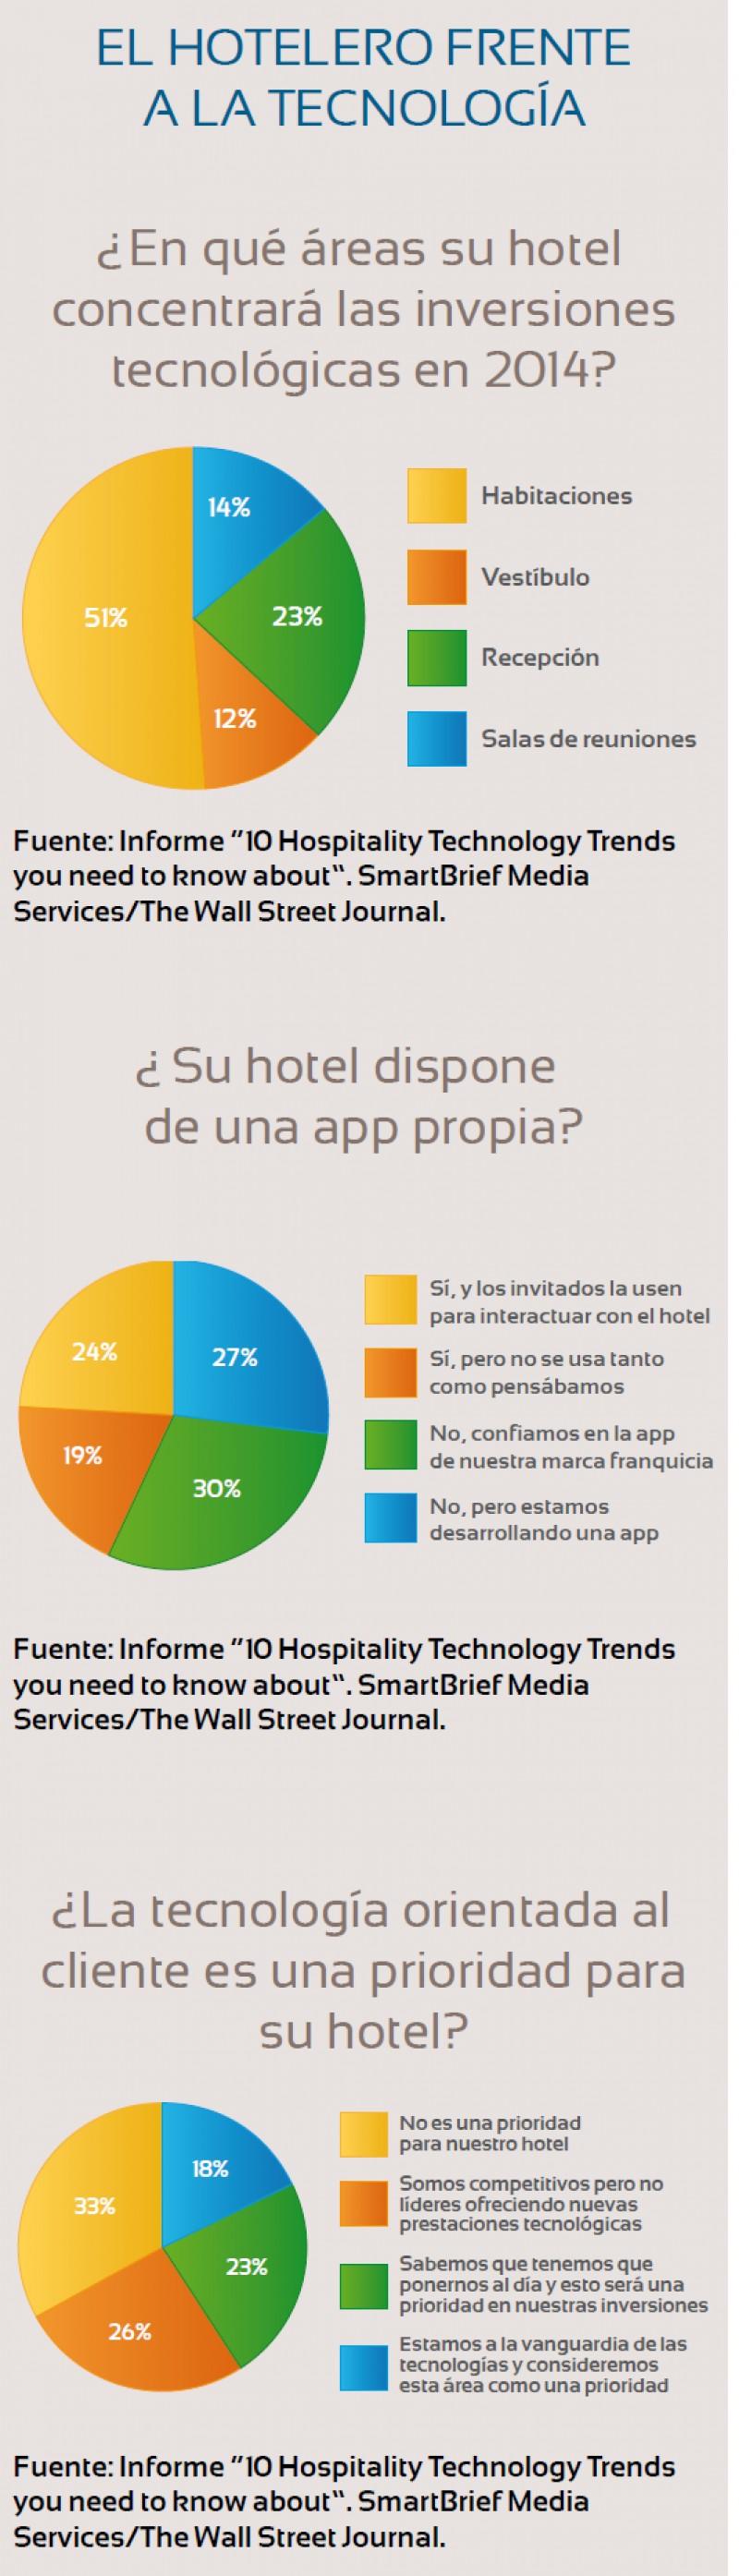 El hotelero frente a la tecnología